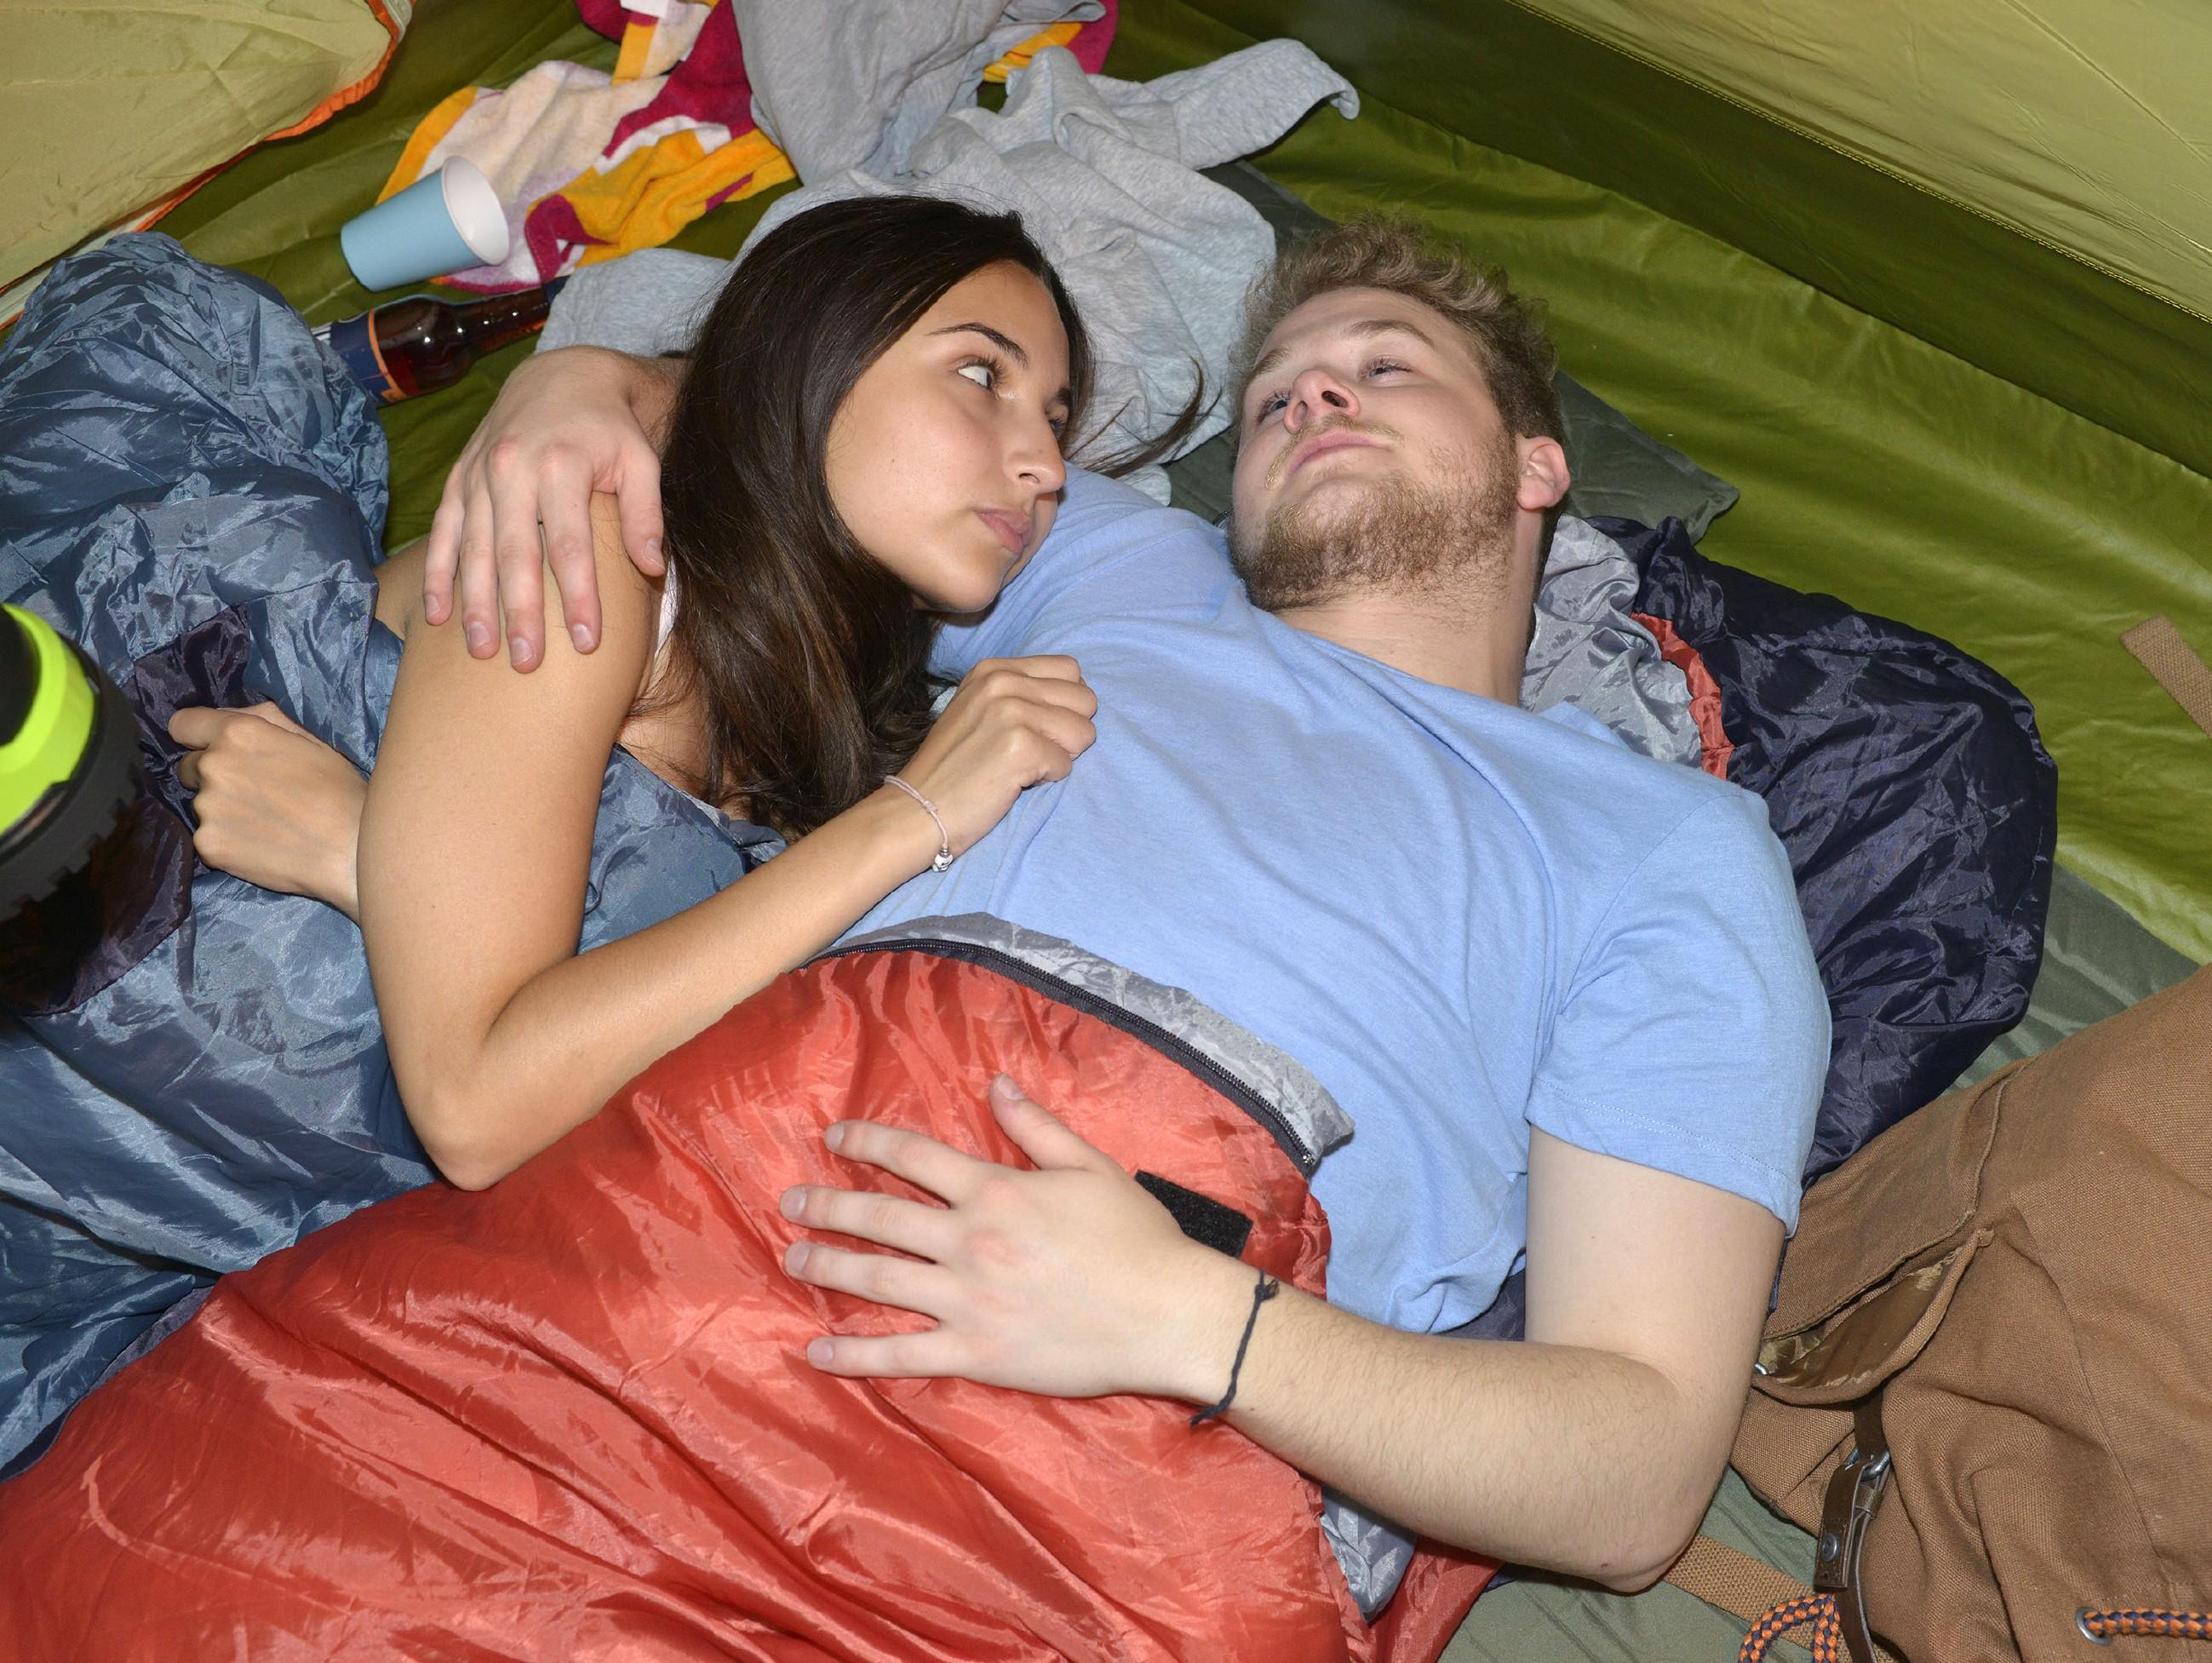 Selma (Rona Özkan) und Jonas (Felix van Deventer) scheinen bei ihrem Ostsee-Trip wieder zueinander gefunden zu haben, doch der Schein trügt...